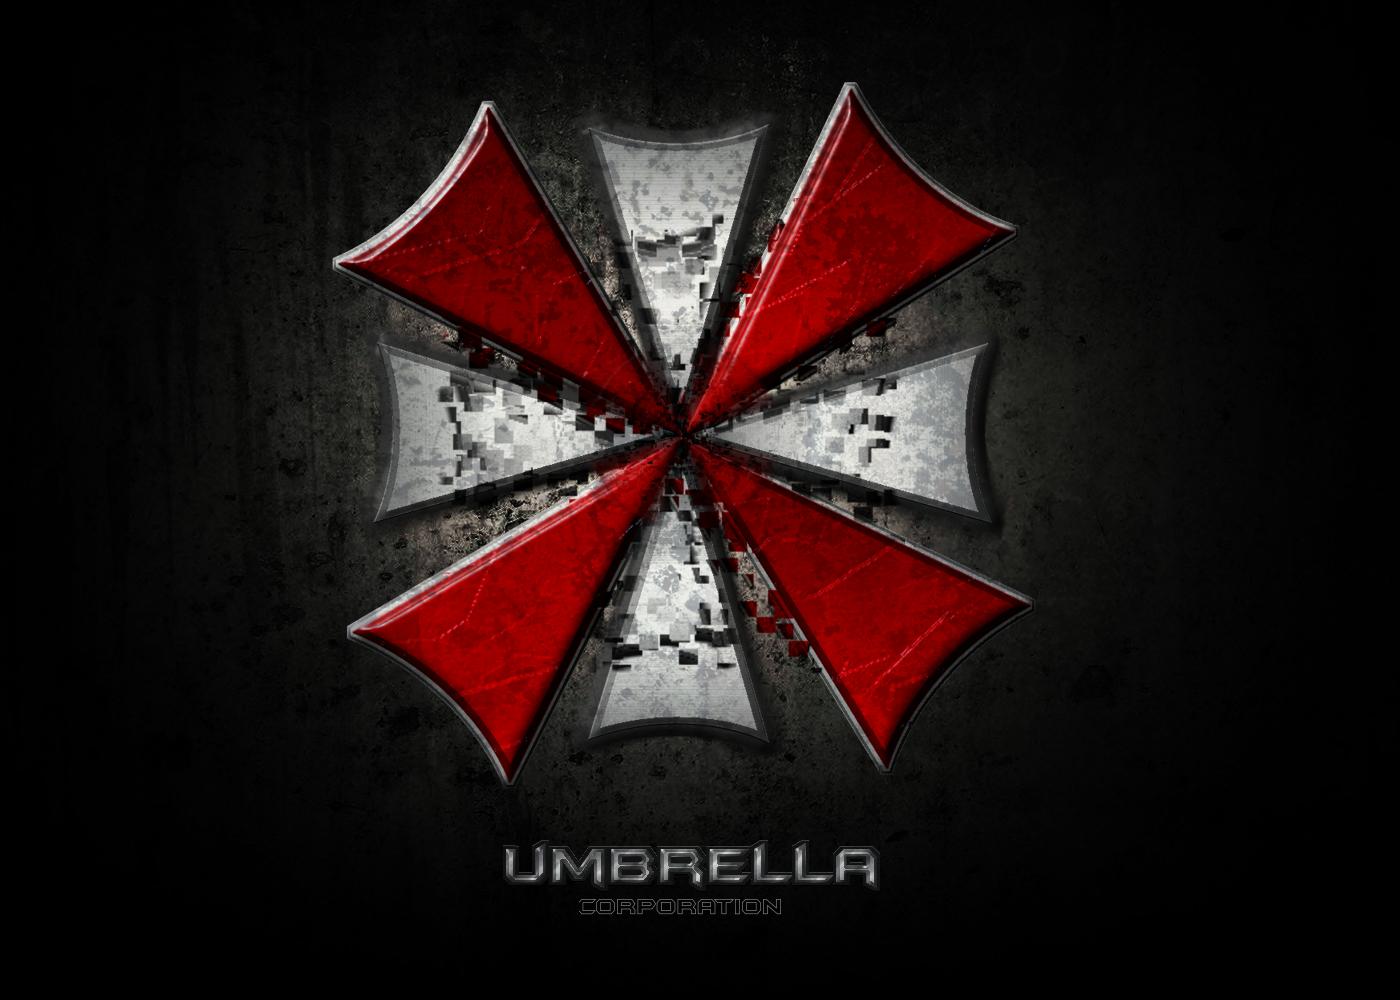 Resident Evil Wallpaper Umbrella wallpaper Resident Evil Wallpaper 1400x1000